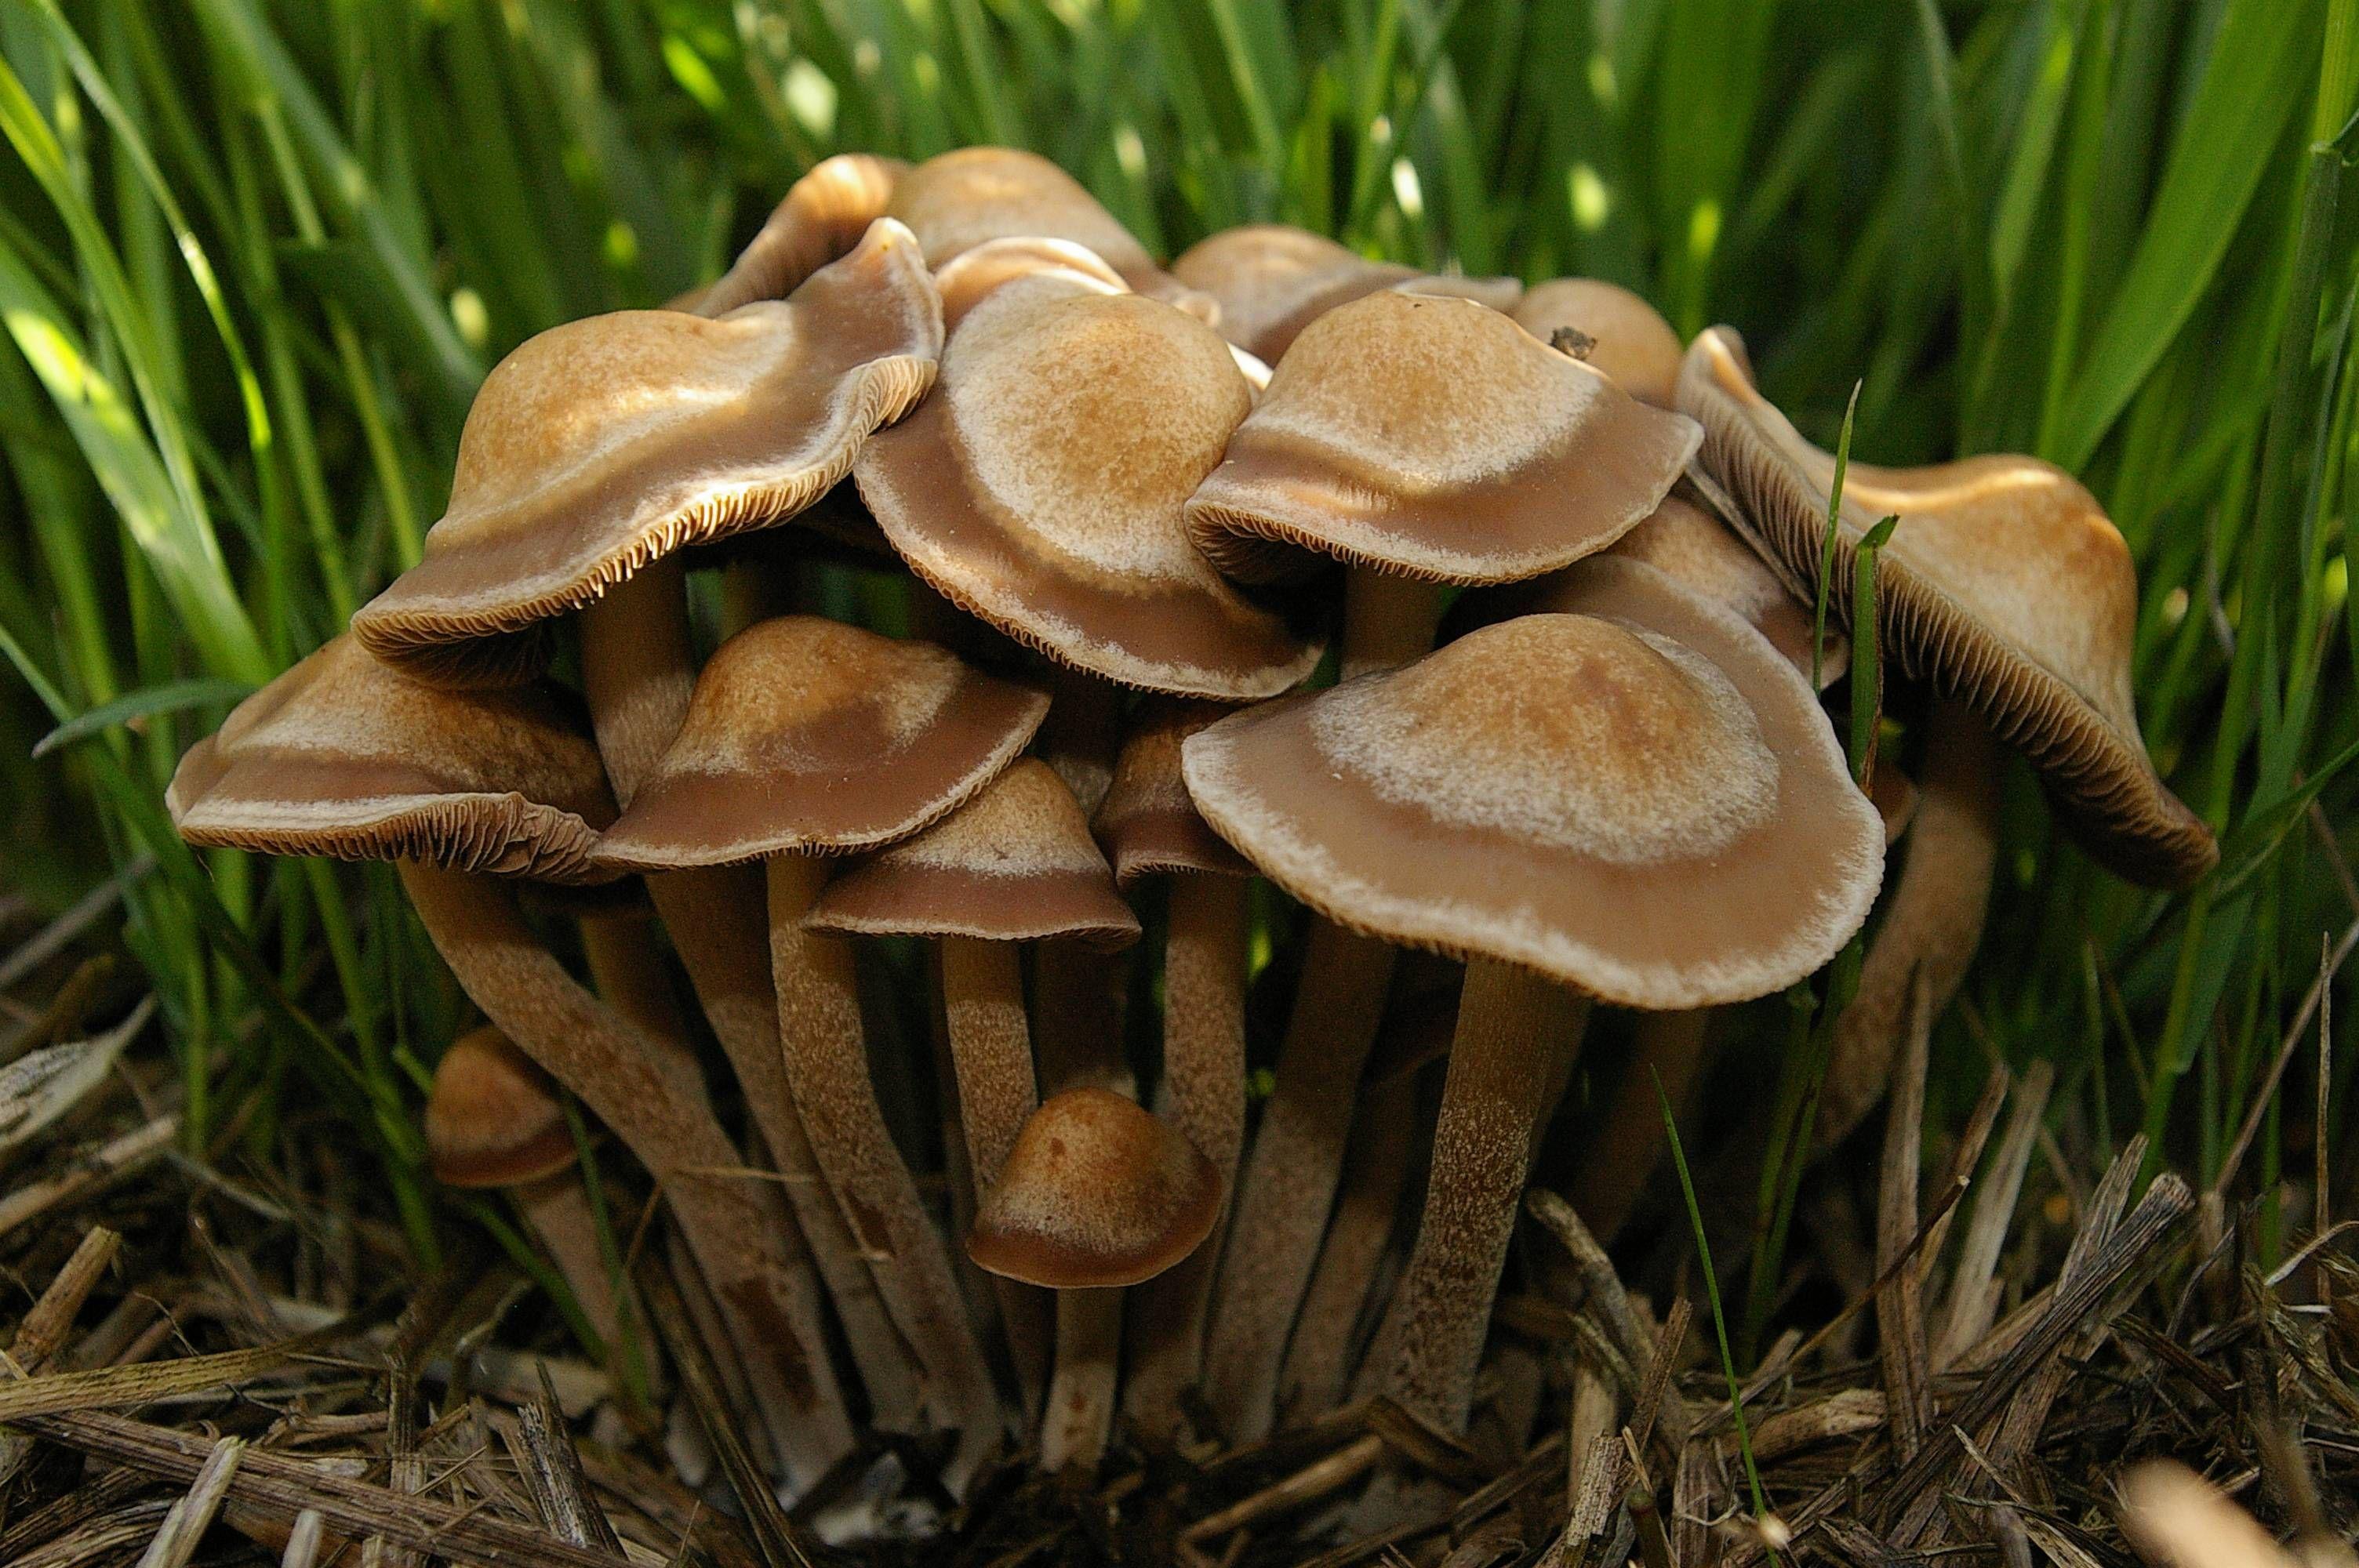 Panaeolus Cinctulus Subbalteatus On Hay Bale Mid Willamette Valley Oc 3008x2000 Stuffed Mushrooms Mushroom Fungi Hay Bales